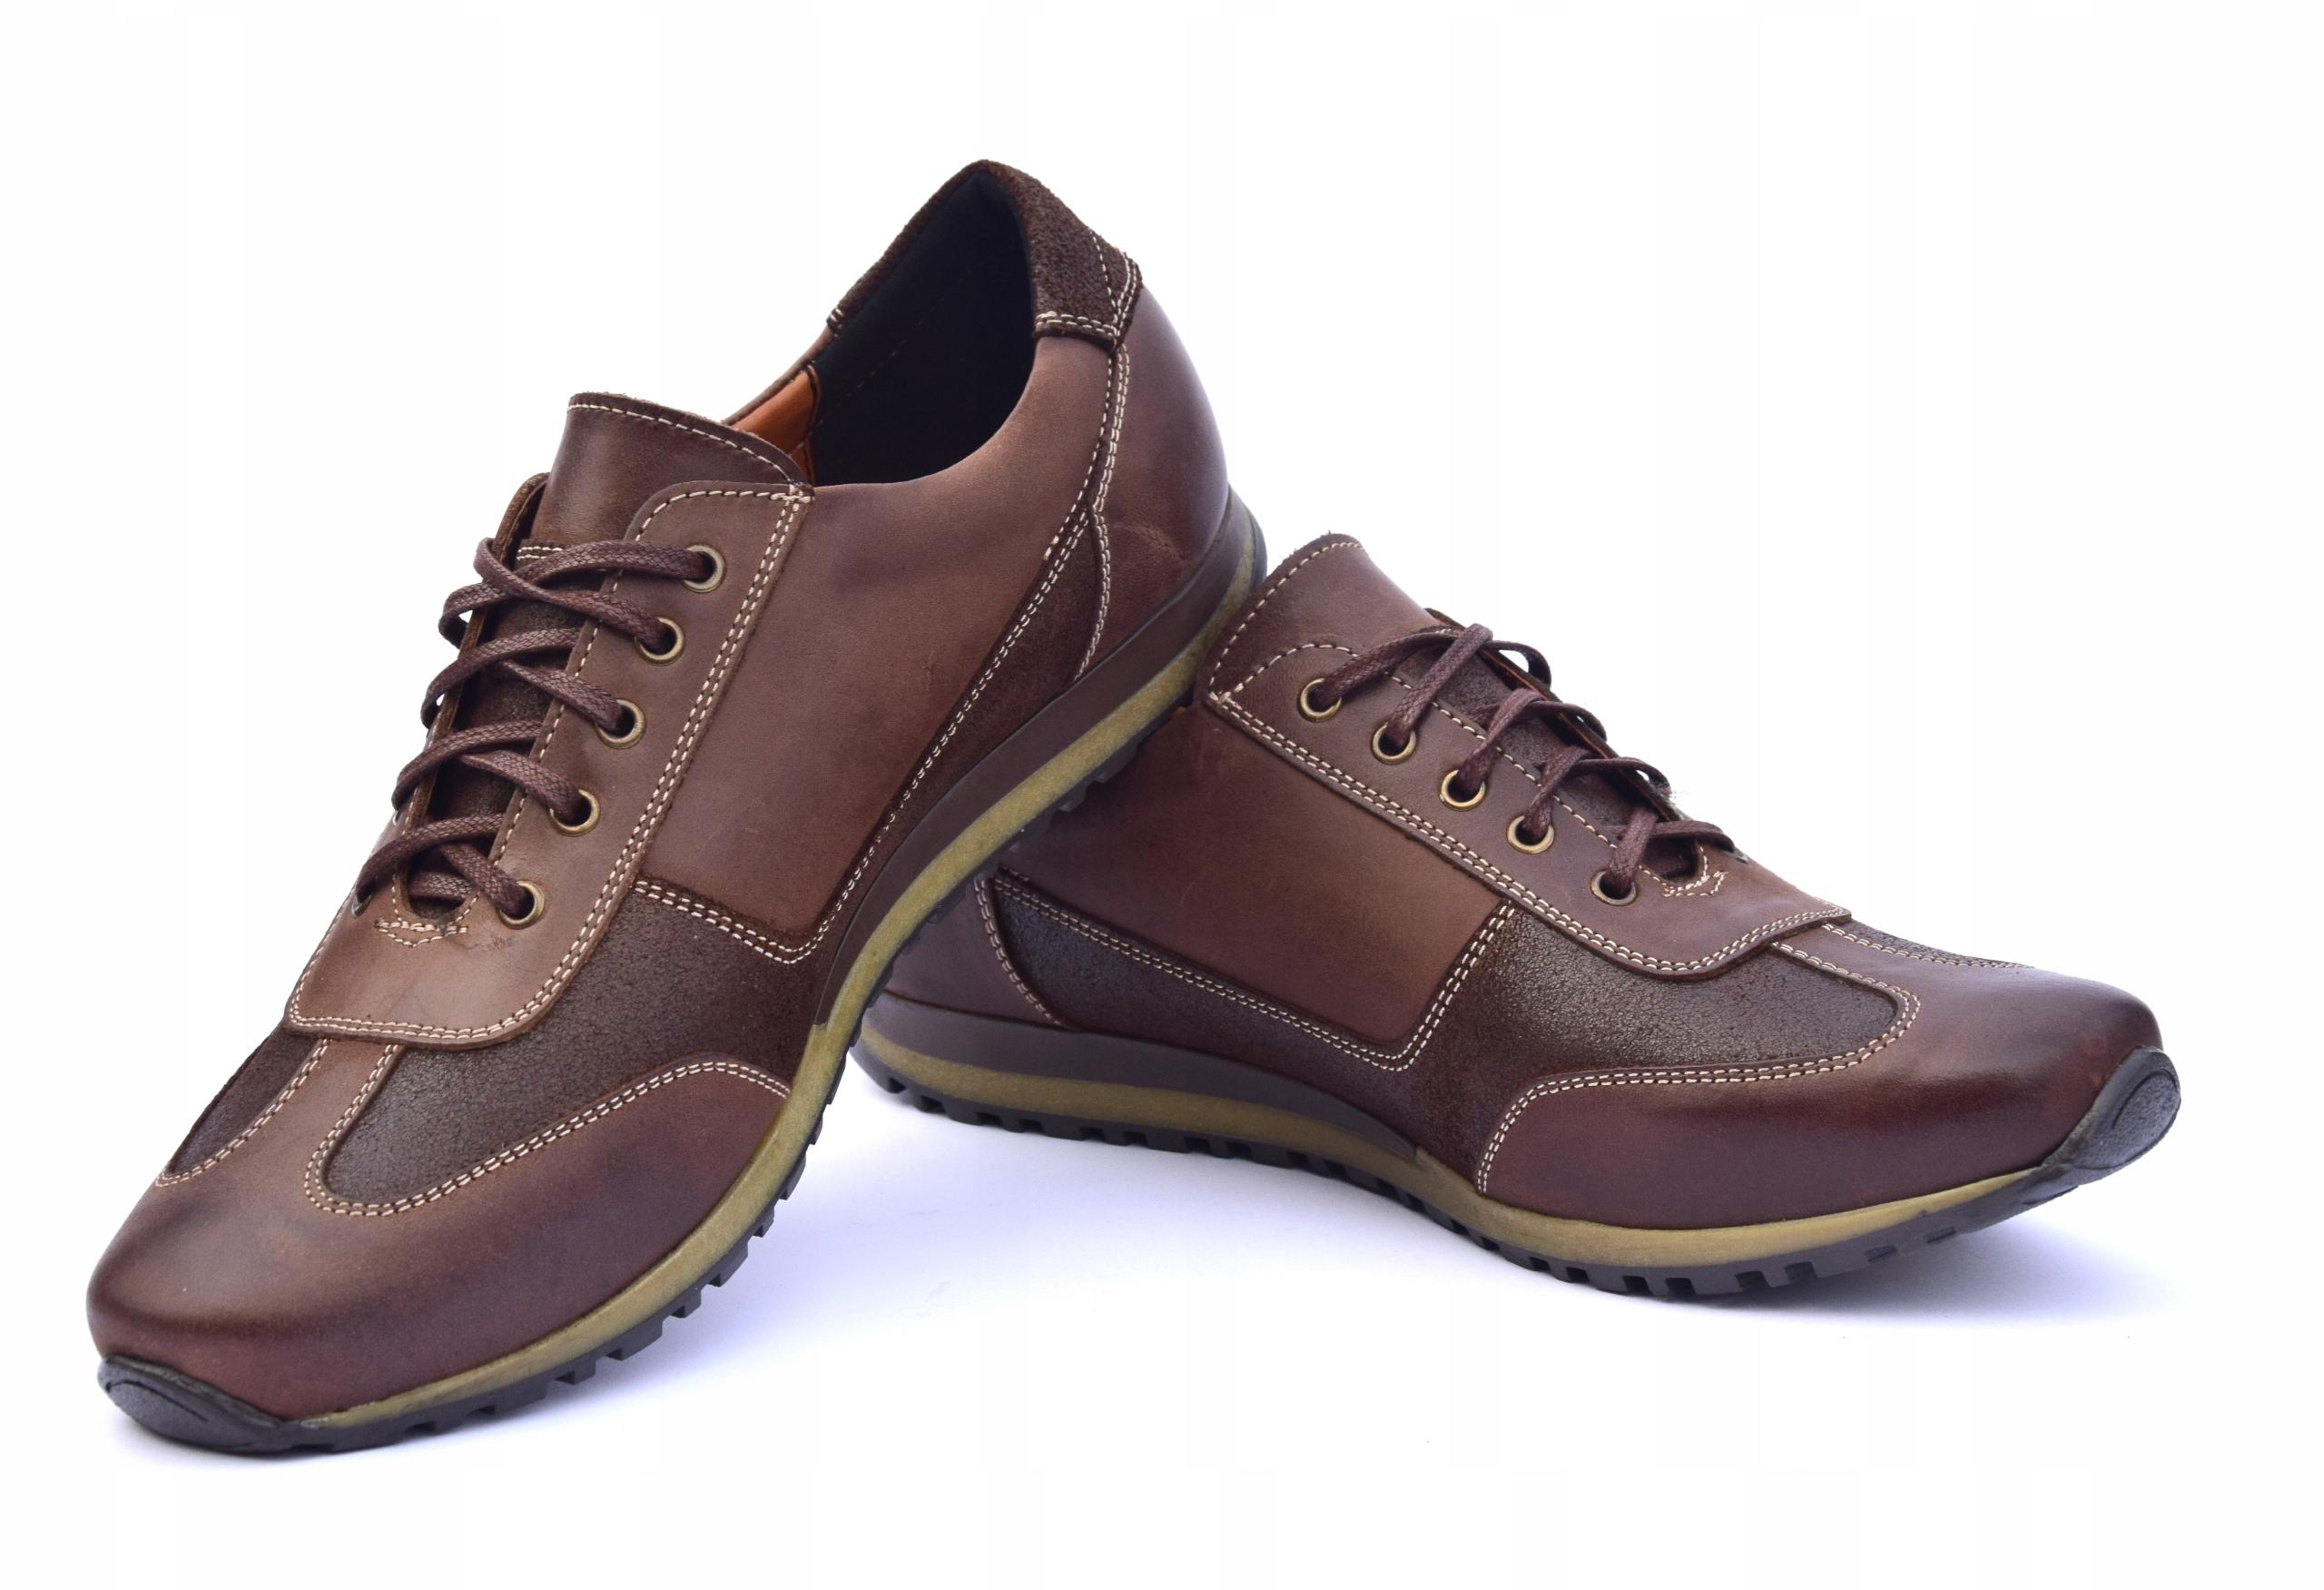 Półbuty skórzane brązowe obuwie ze skóry PL 294 Płeć Produkt męski